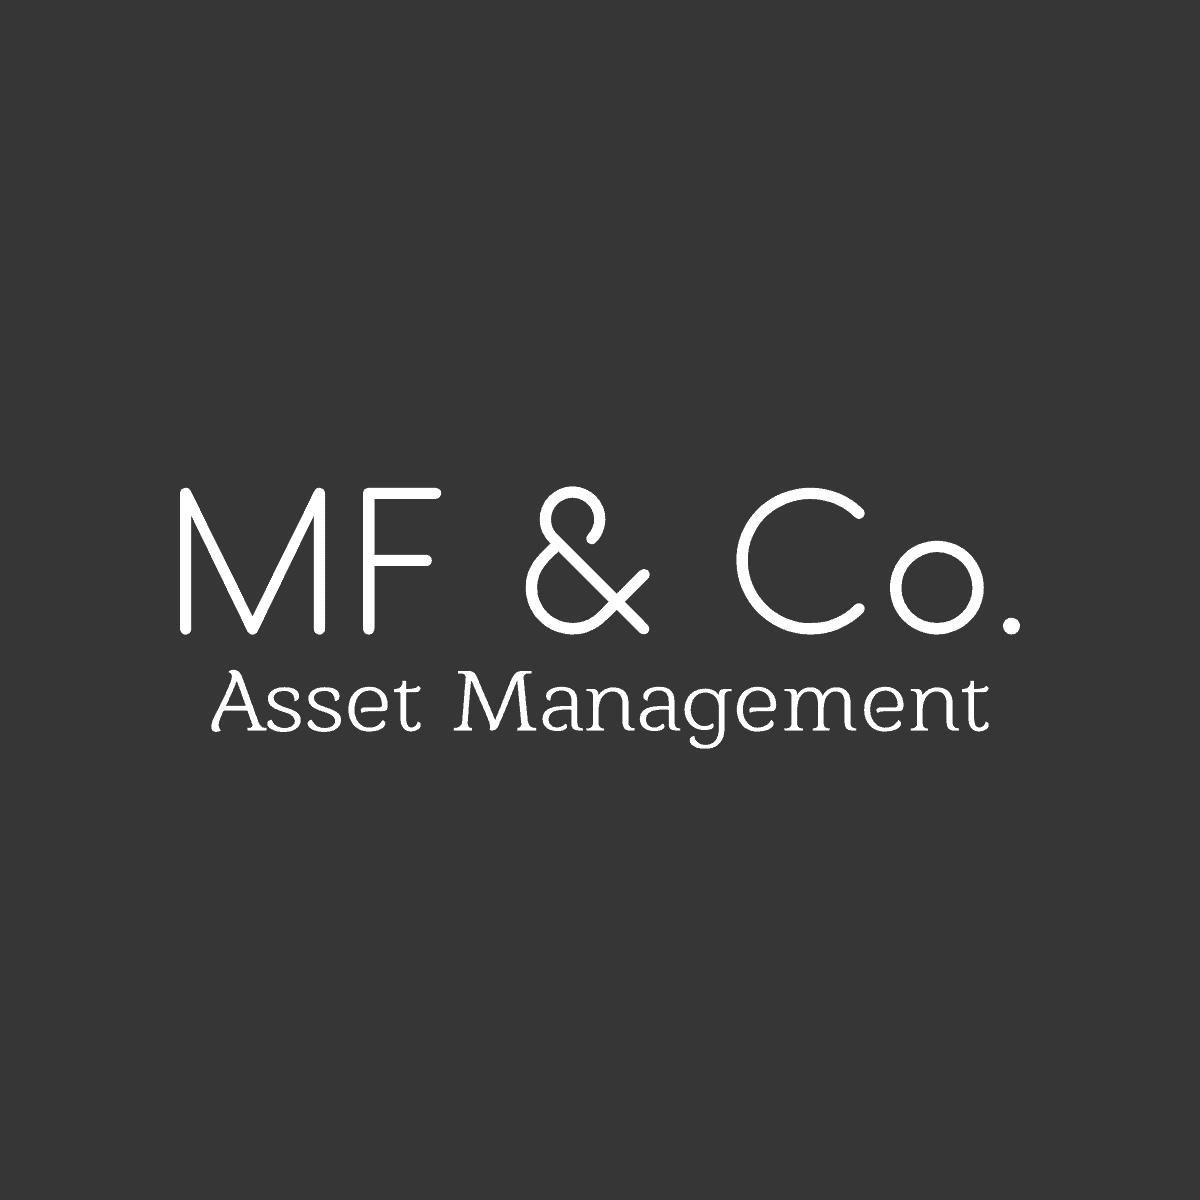 MF & Co. Asset Management